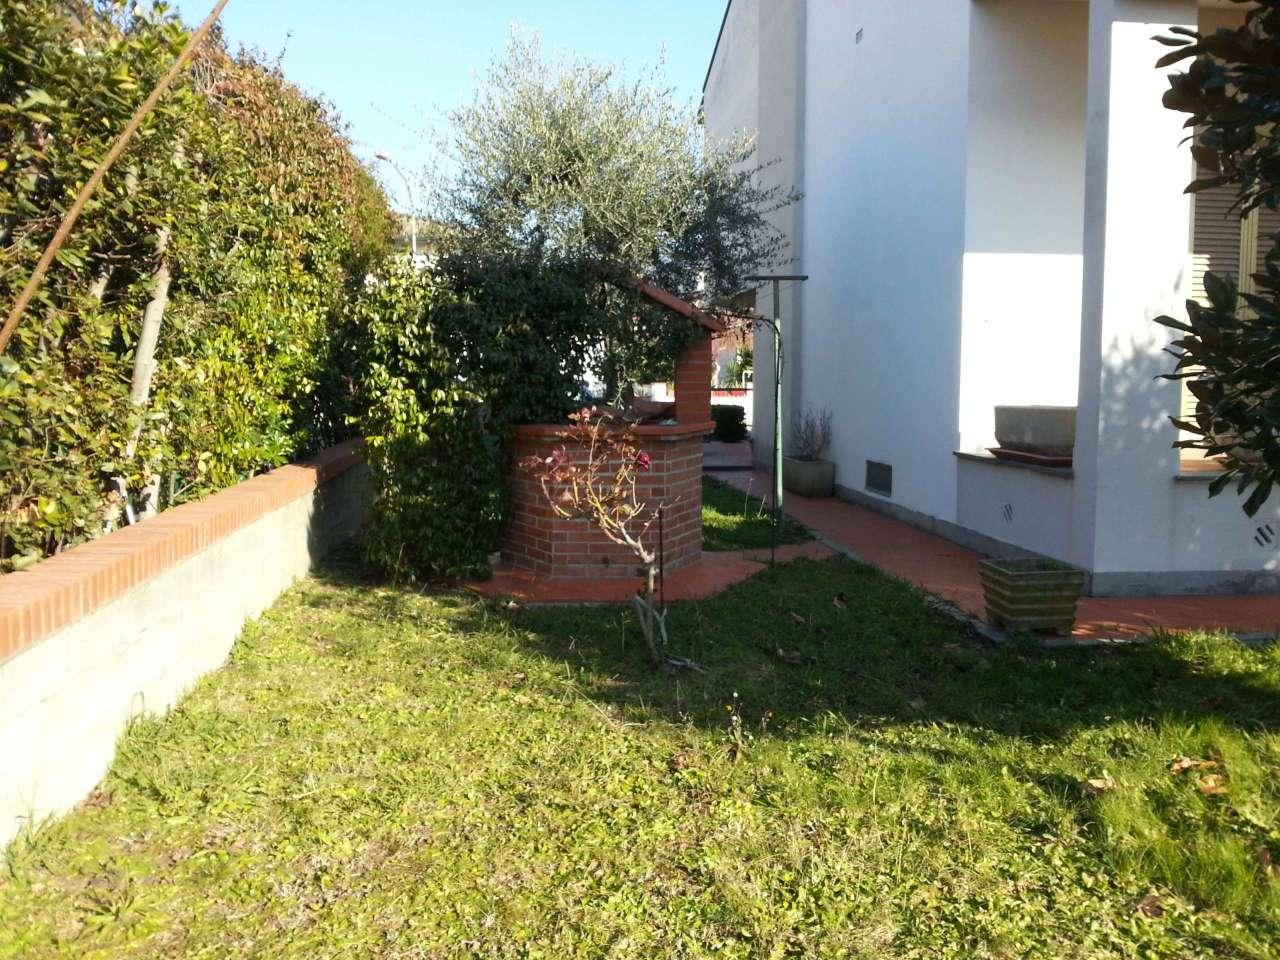 Villa in vendita a Cascina, 5 locali, prezzo € 360.000 | Cambio Casa.it